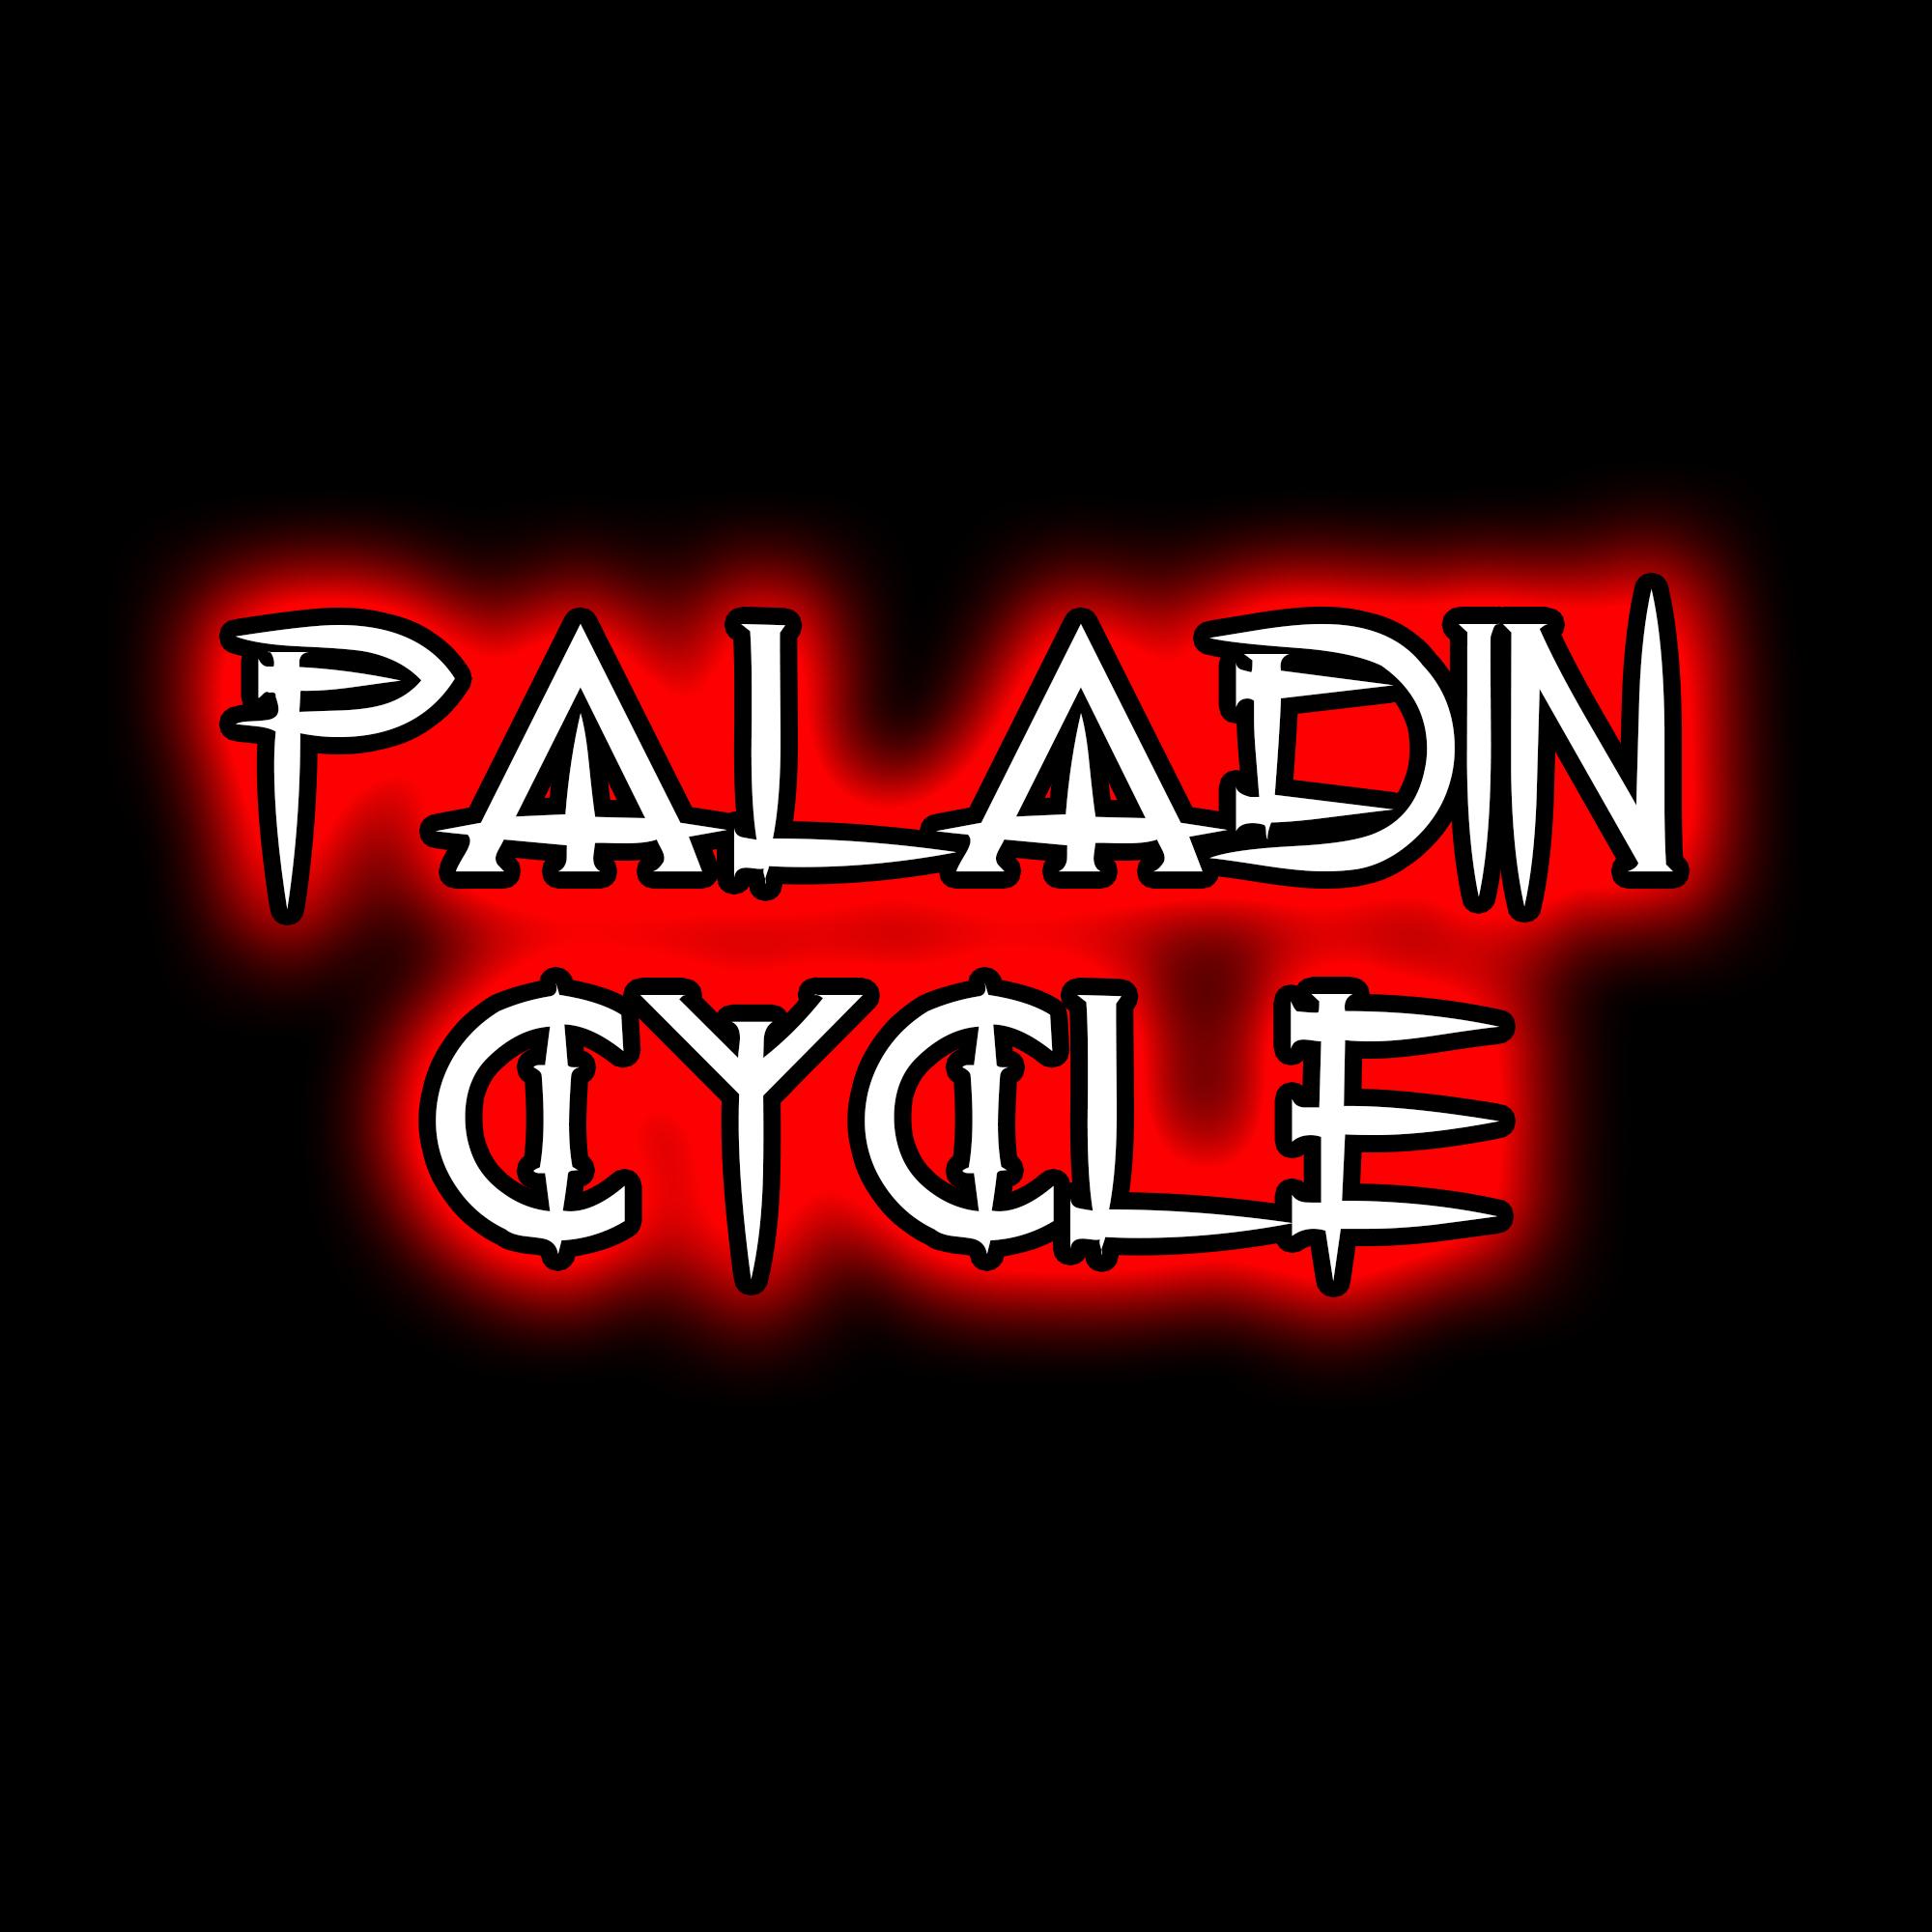 Paladin Cycle